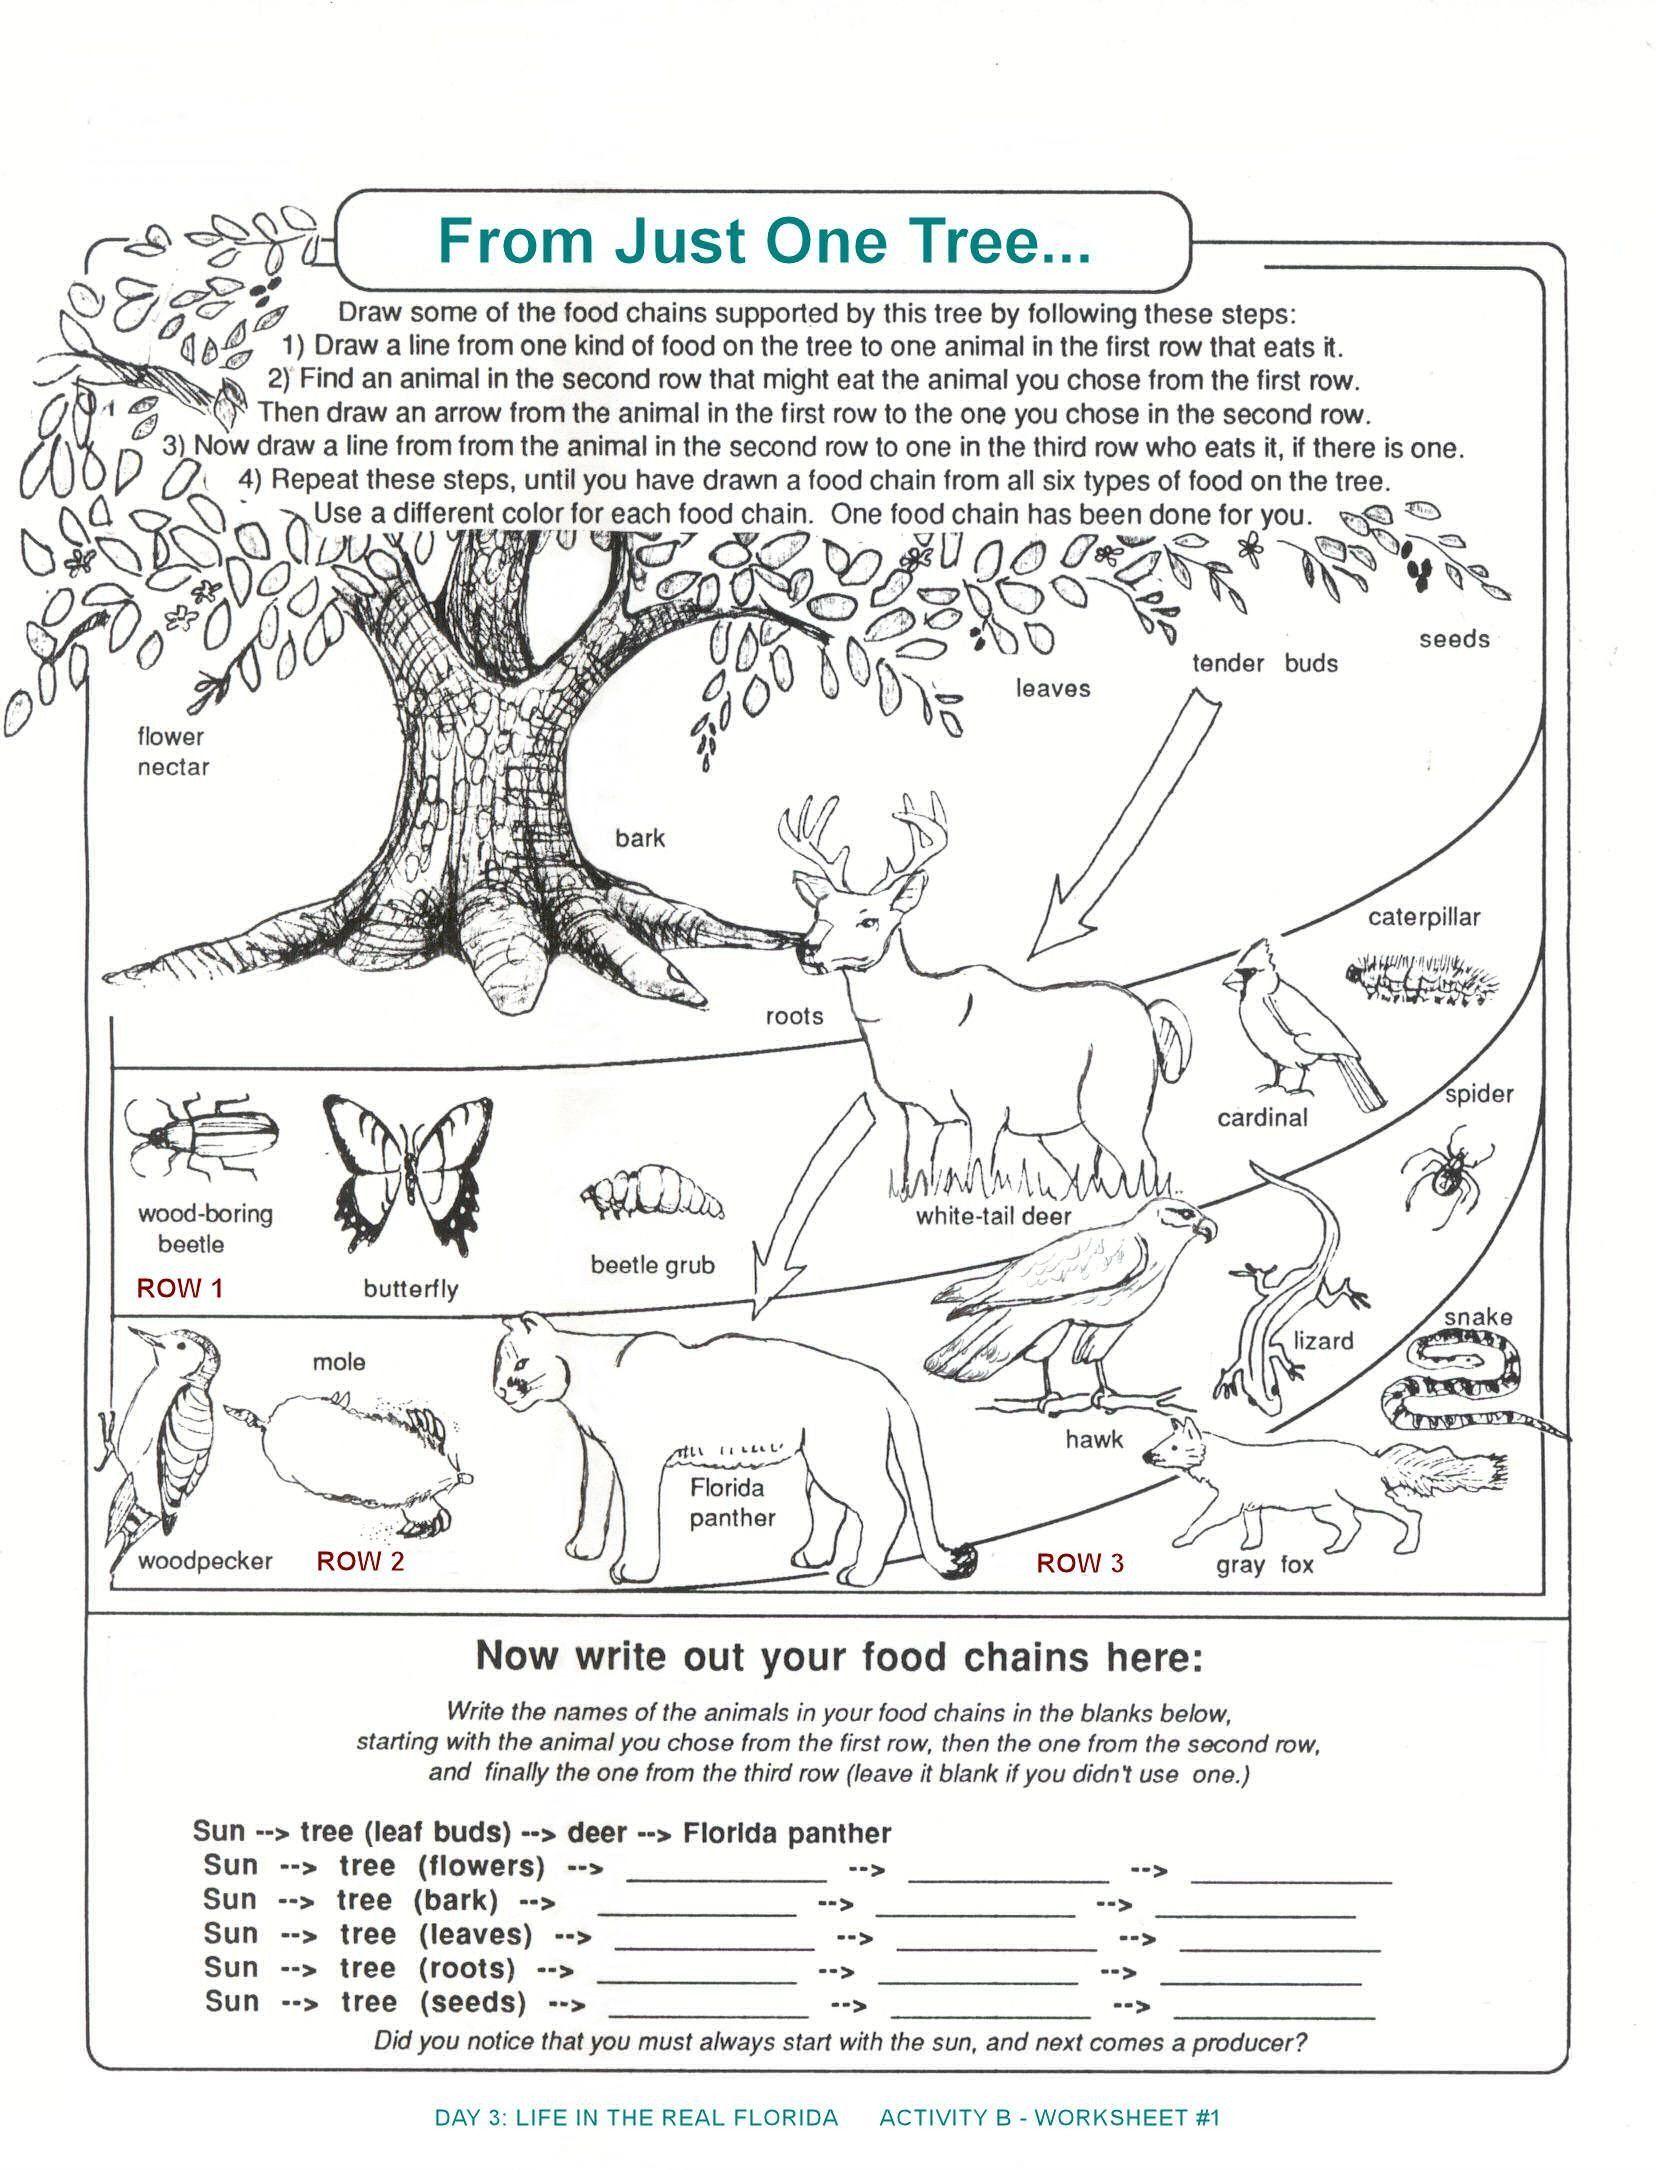 Free Printable Biology Worksheets Archbold Biological